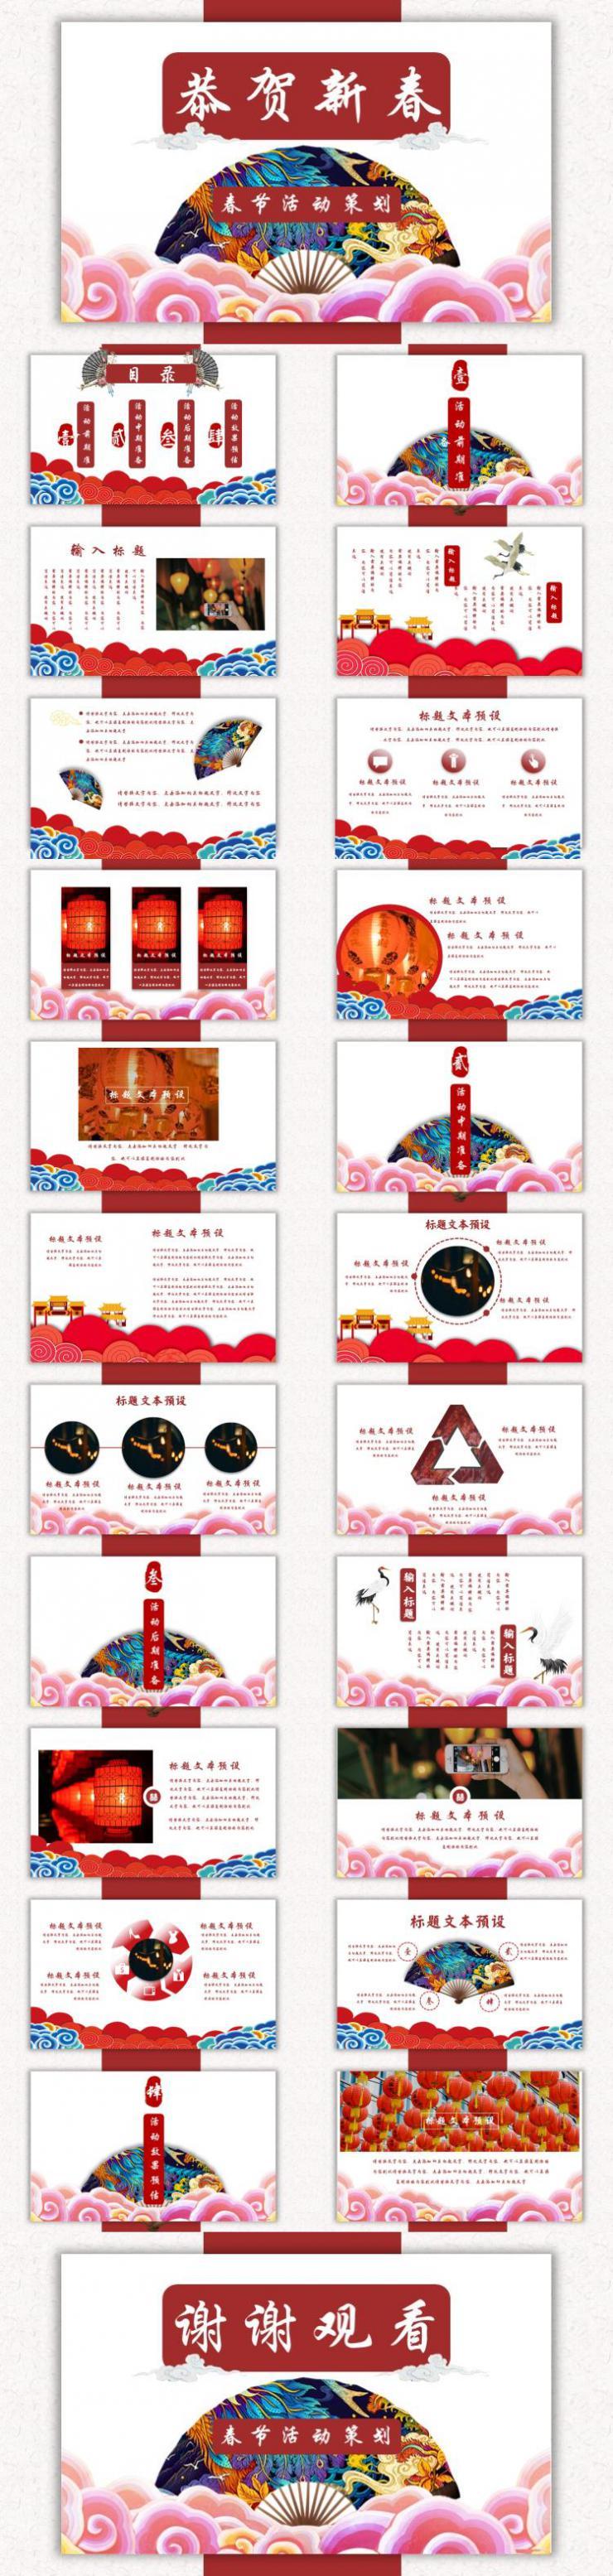 最新春节活动策划动态PPT模板下载